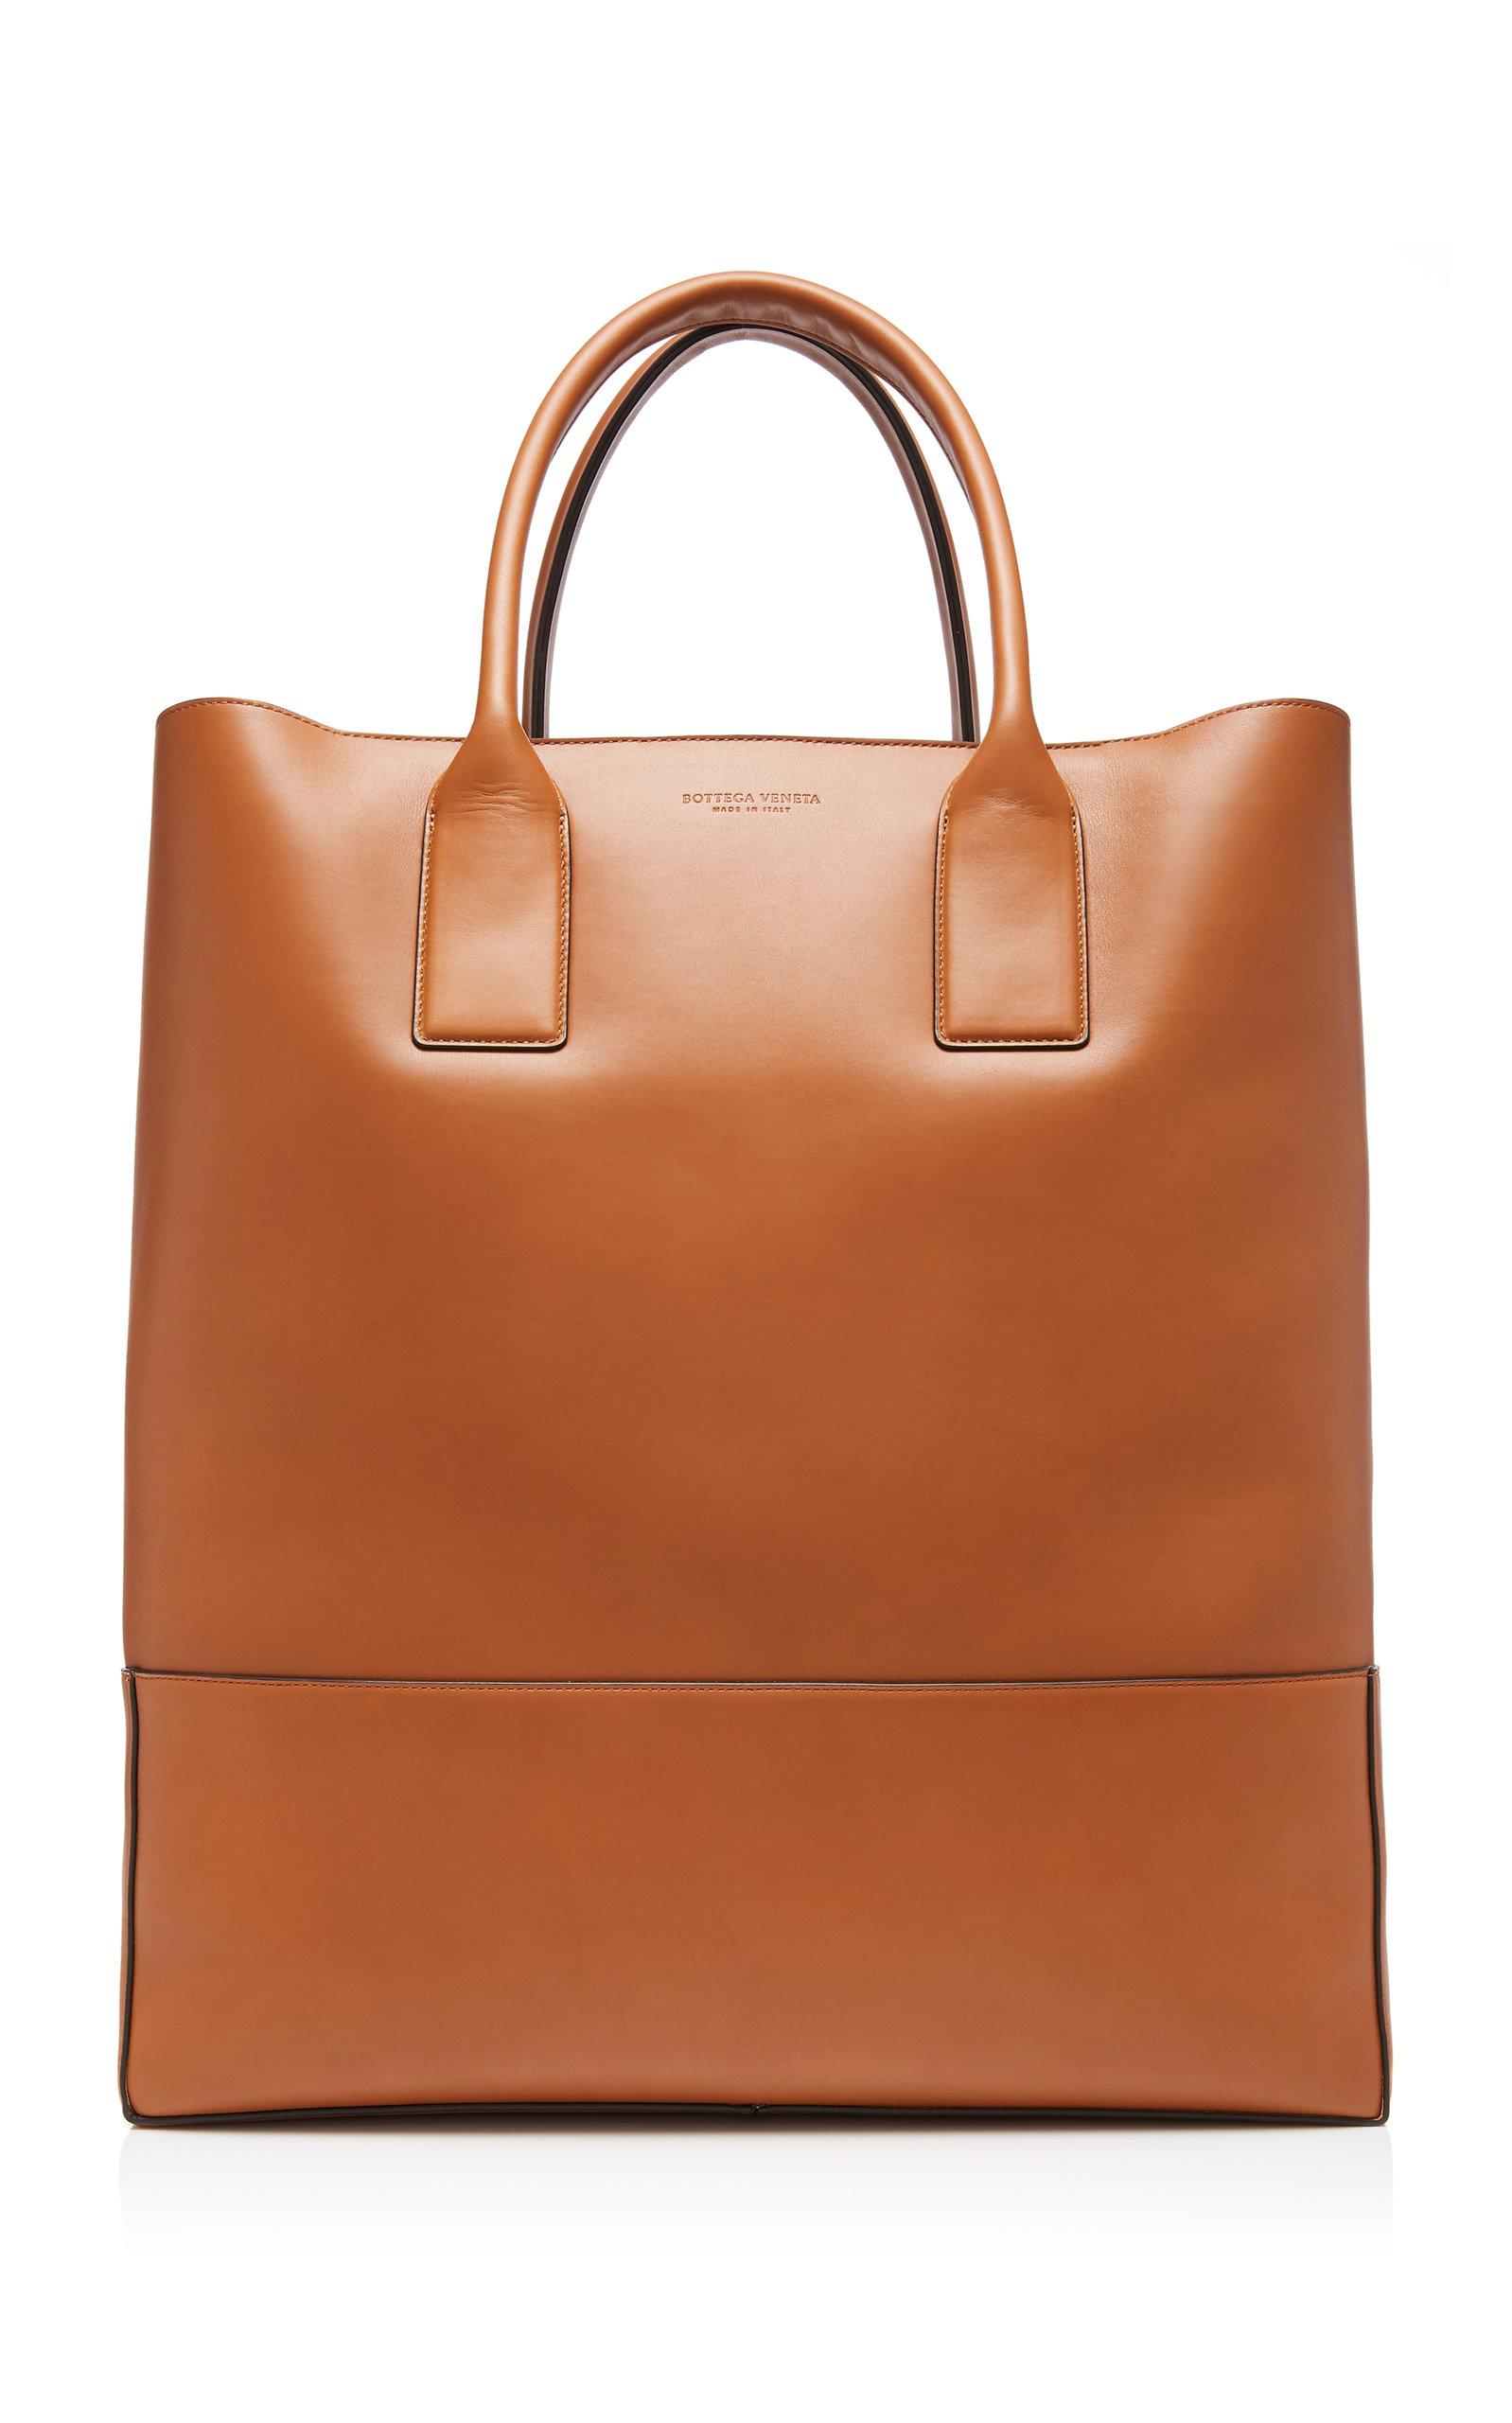 Bottega Veneta Leather Tote Bag In Brown